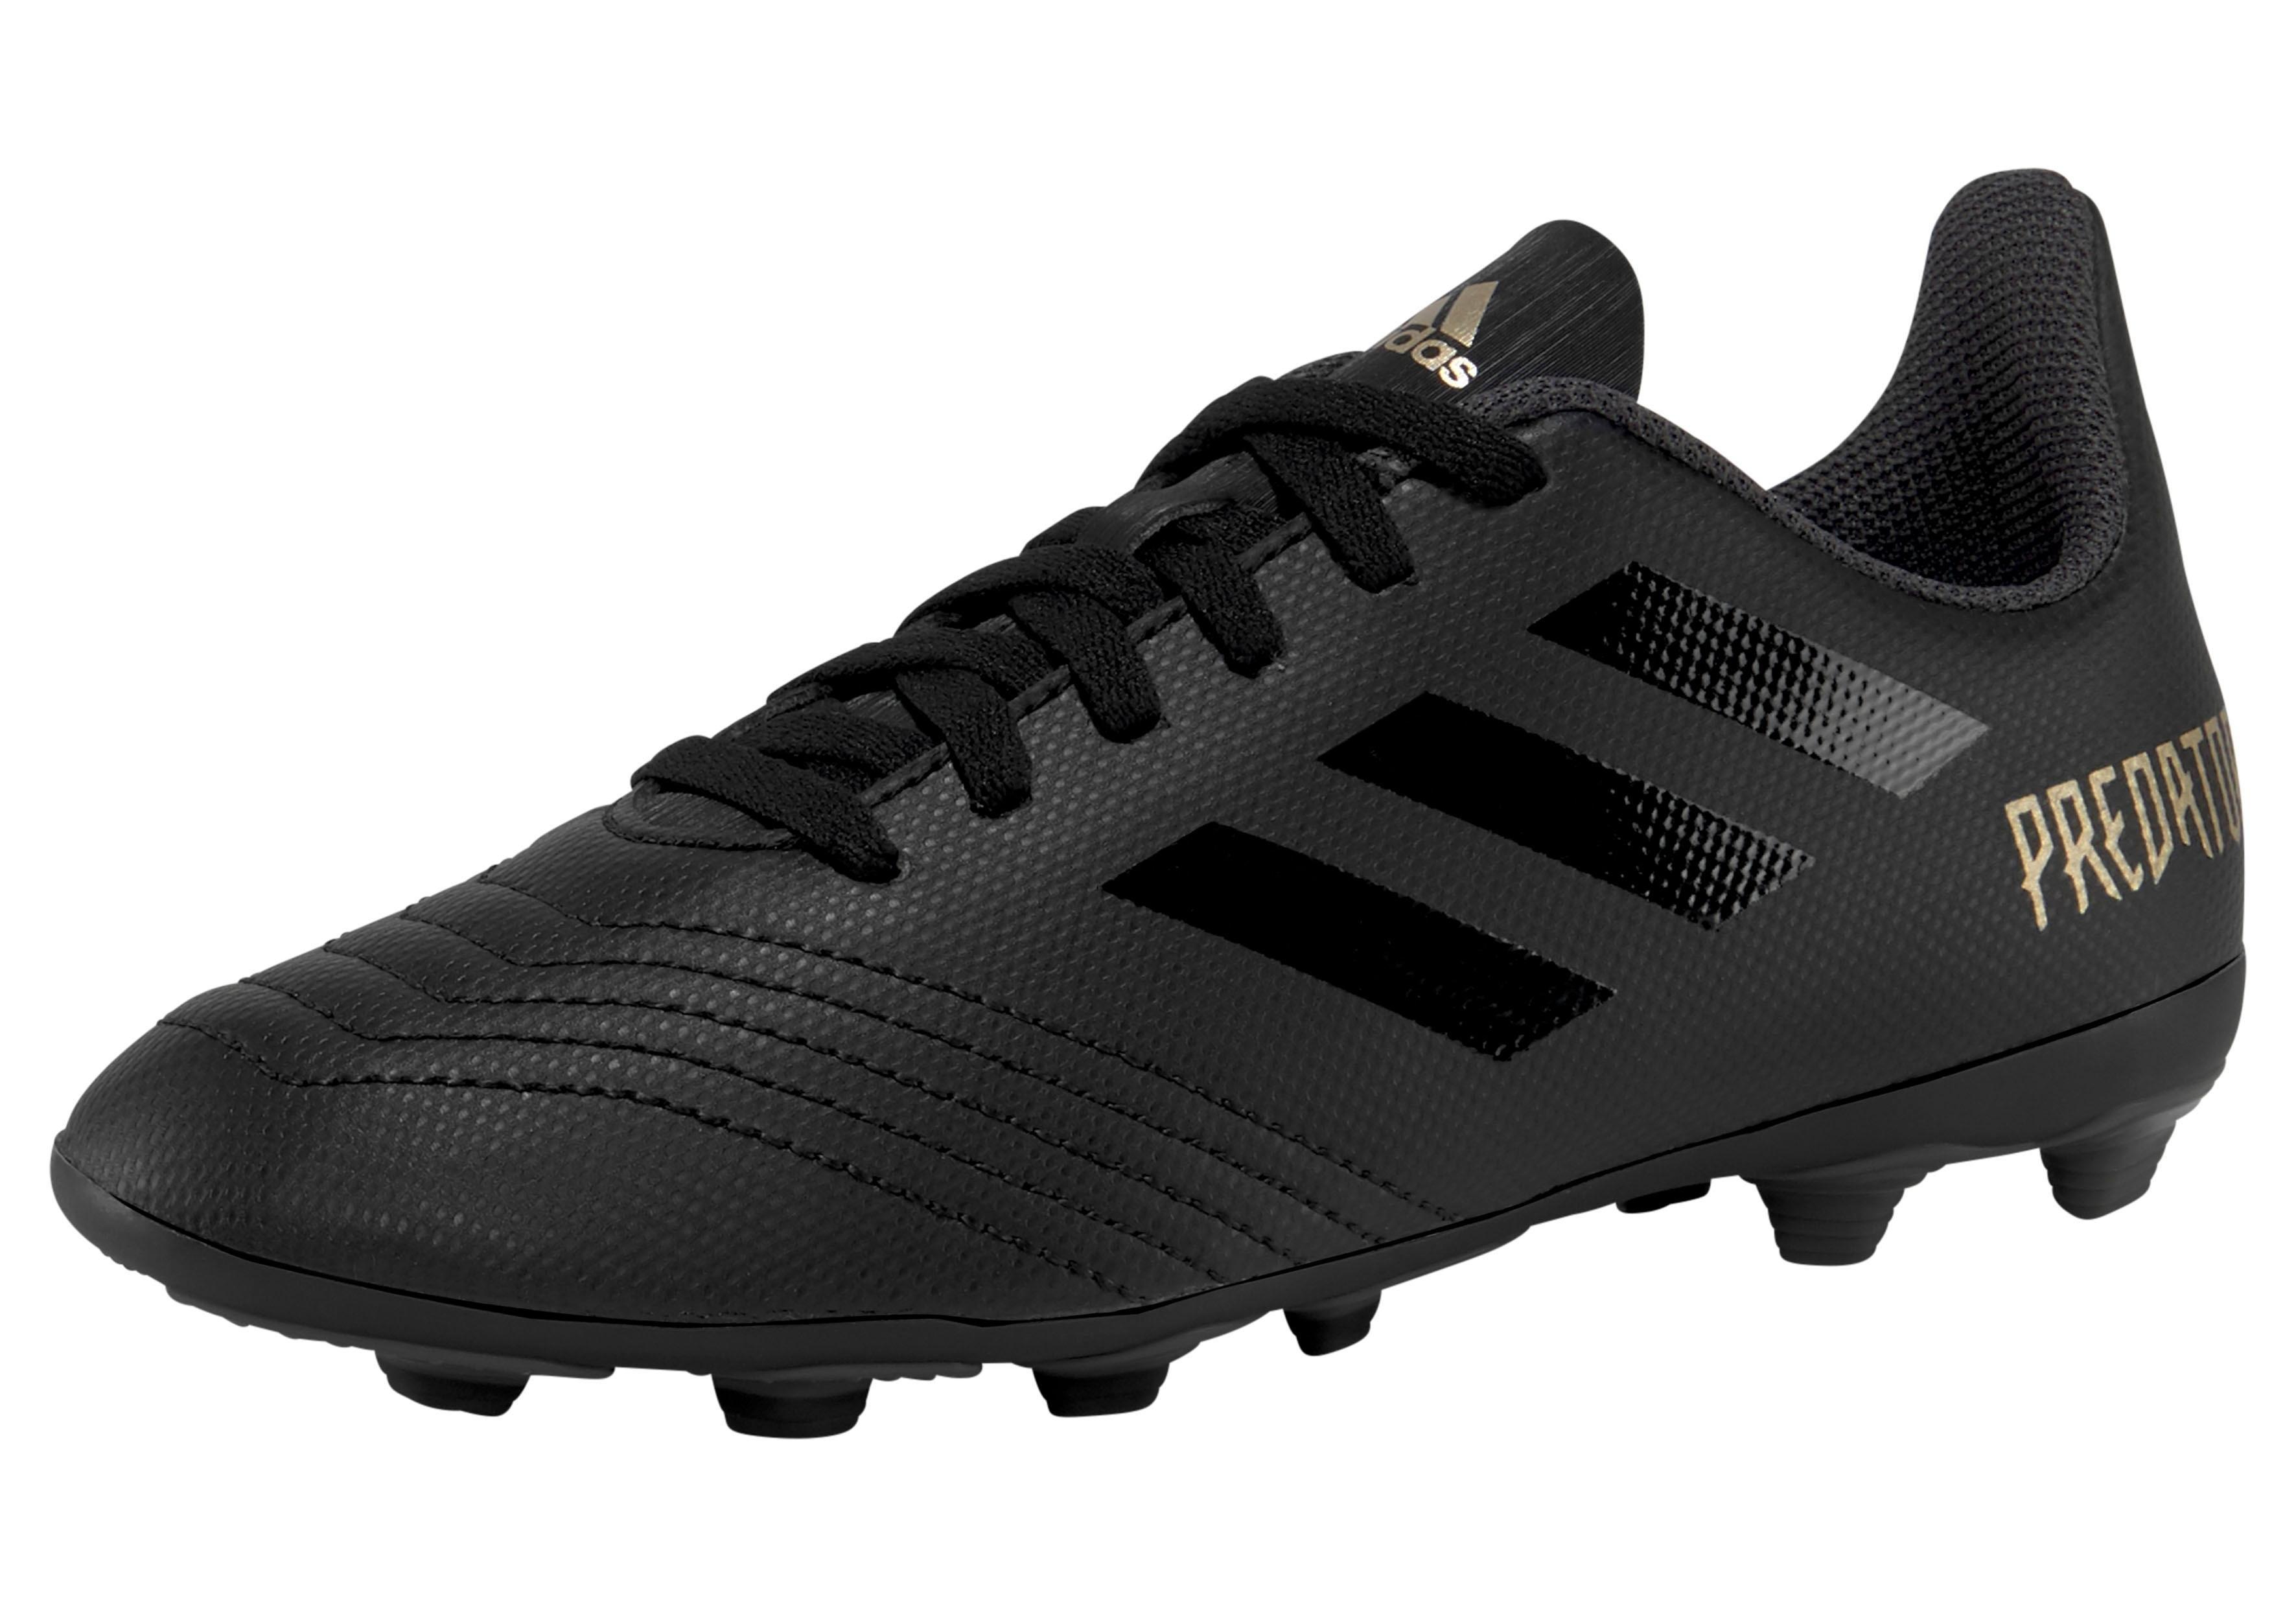 adidas Performance voetbalschoenen »PREDATOR 19.4 FxG J« goedkoop op otto.nl kopen